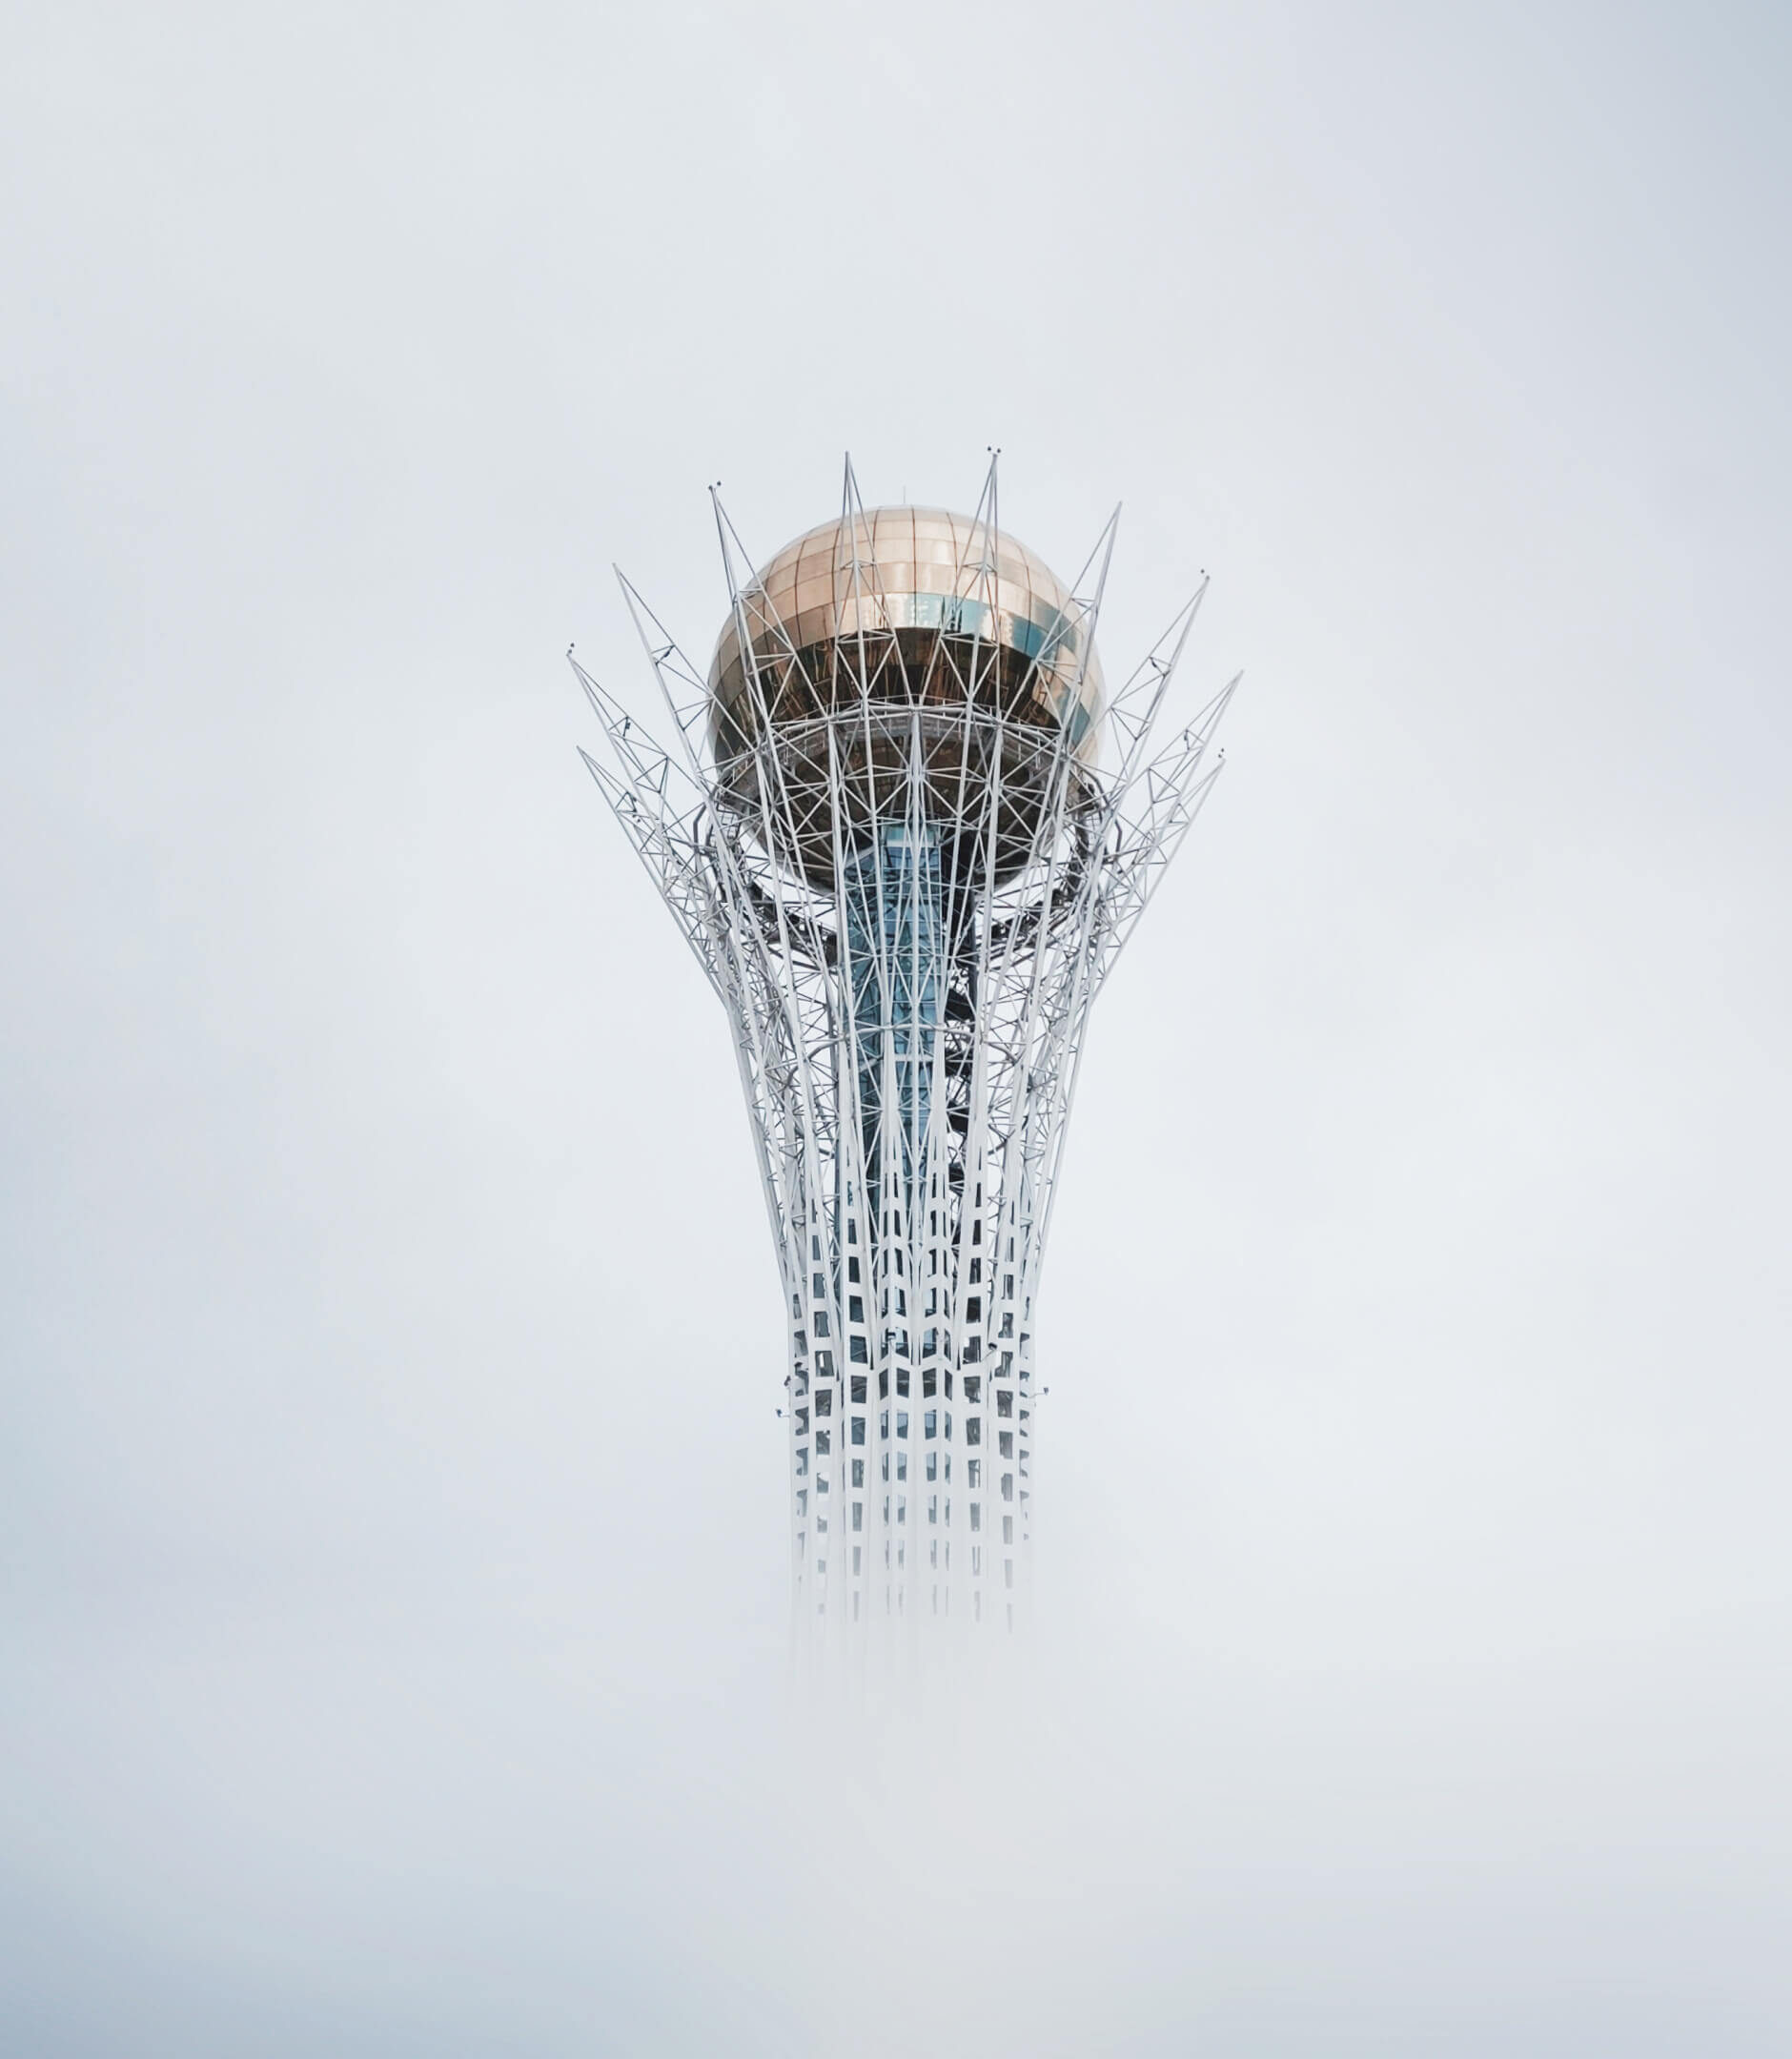 Nur-Sultan, Kasachstan